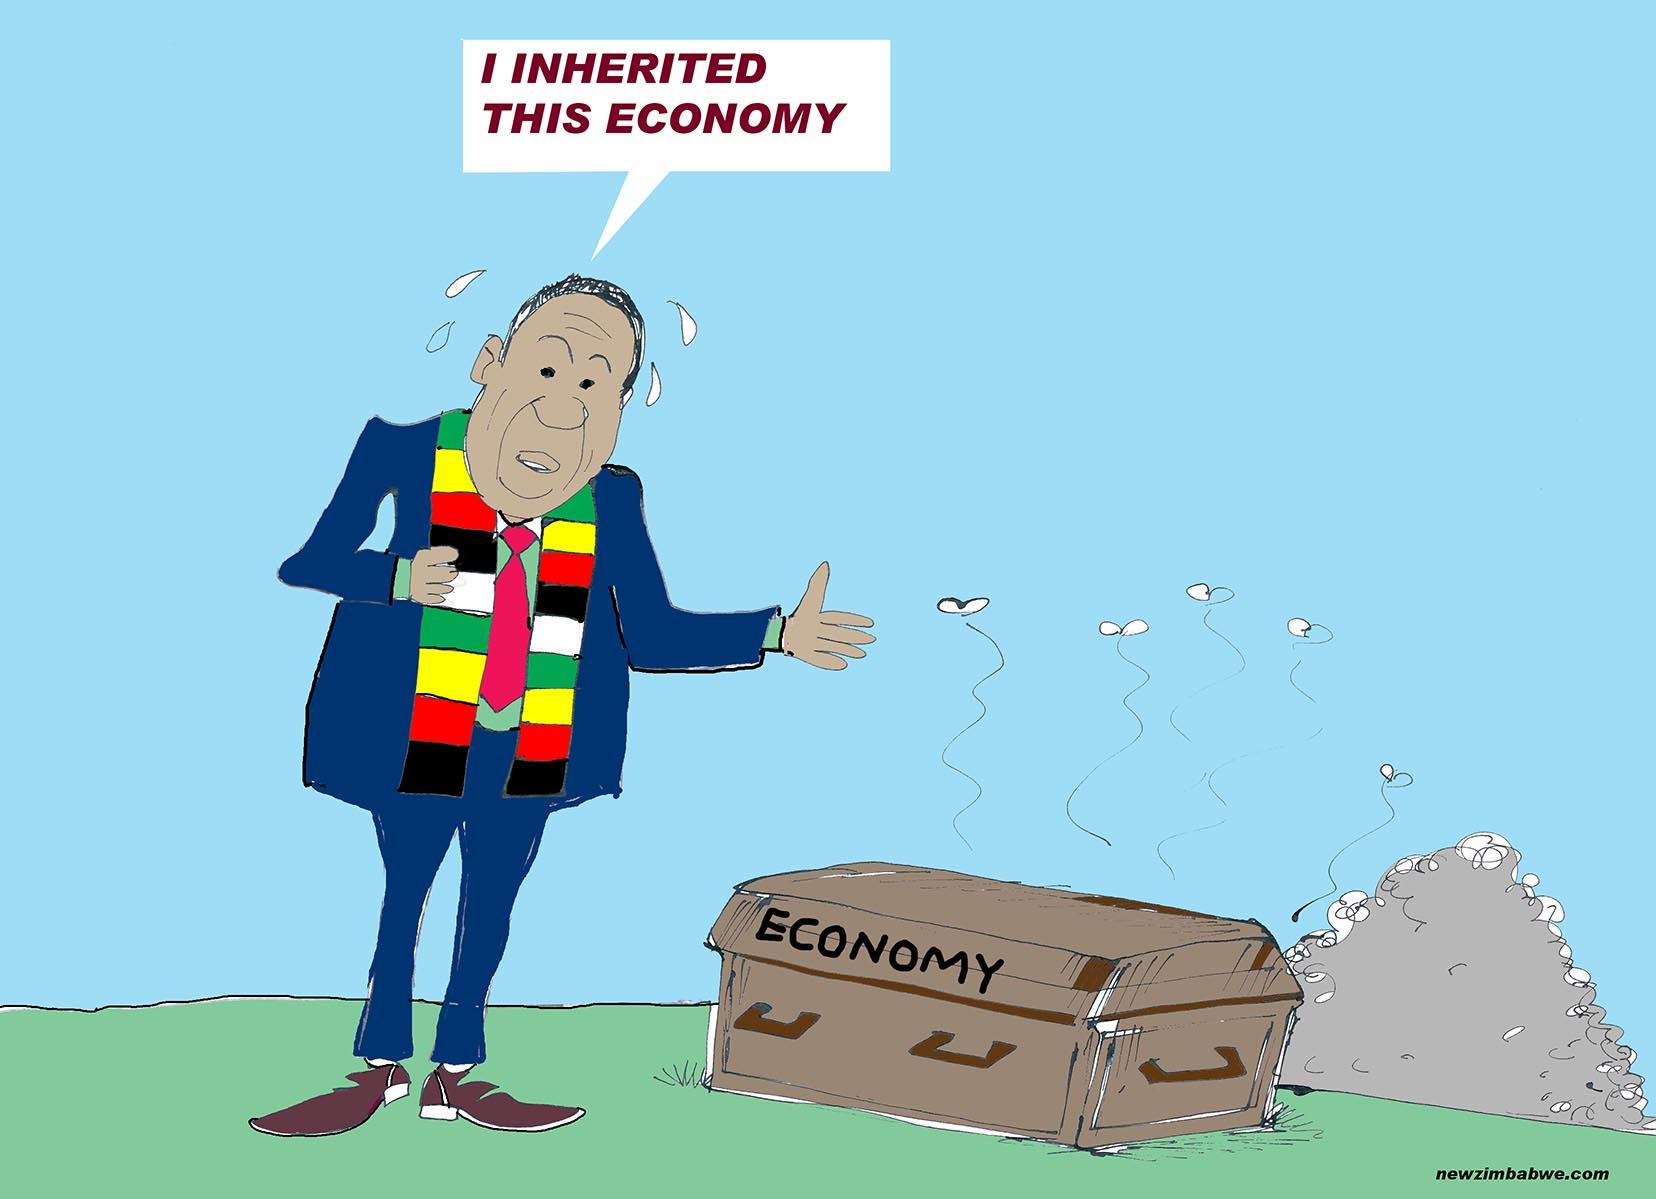 ED inherited this economy